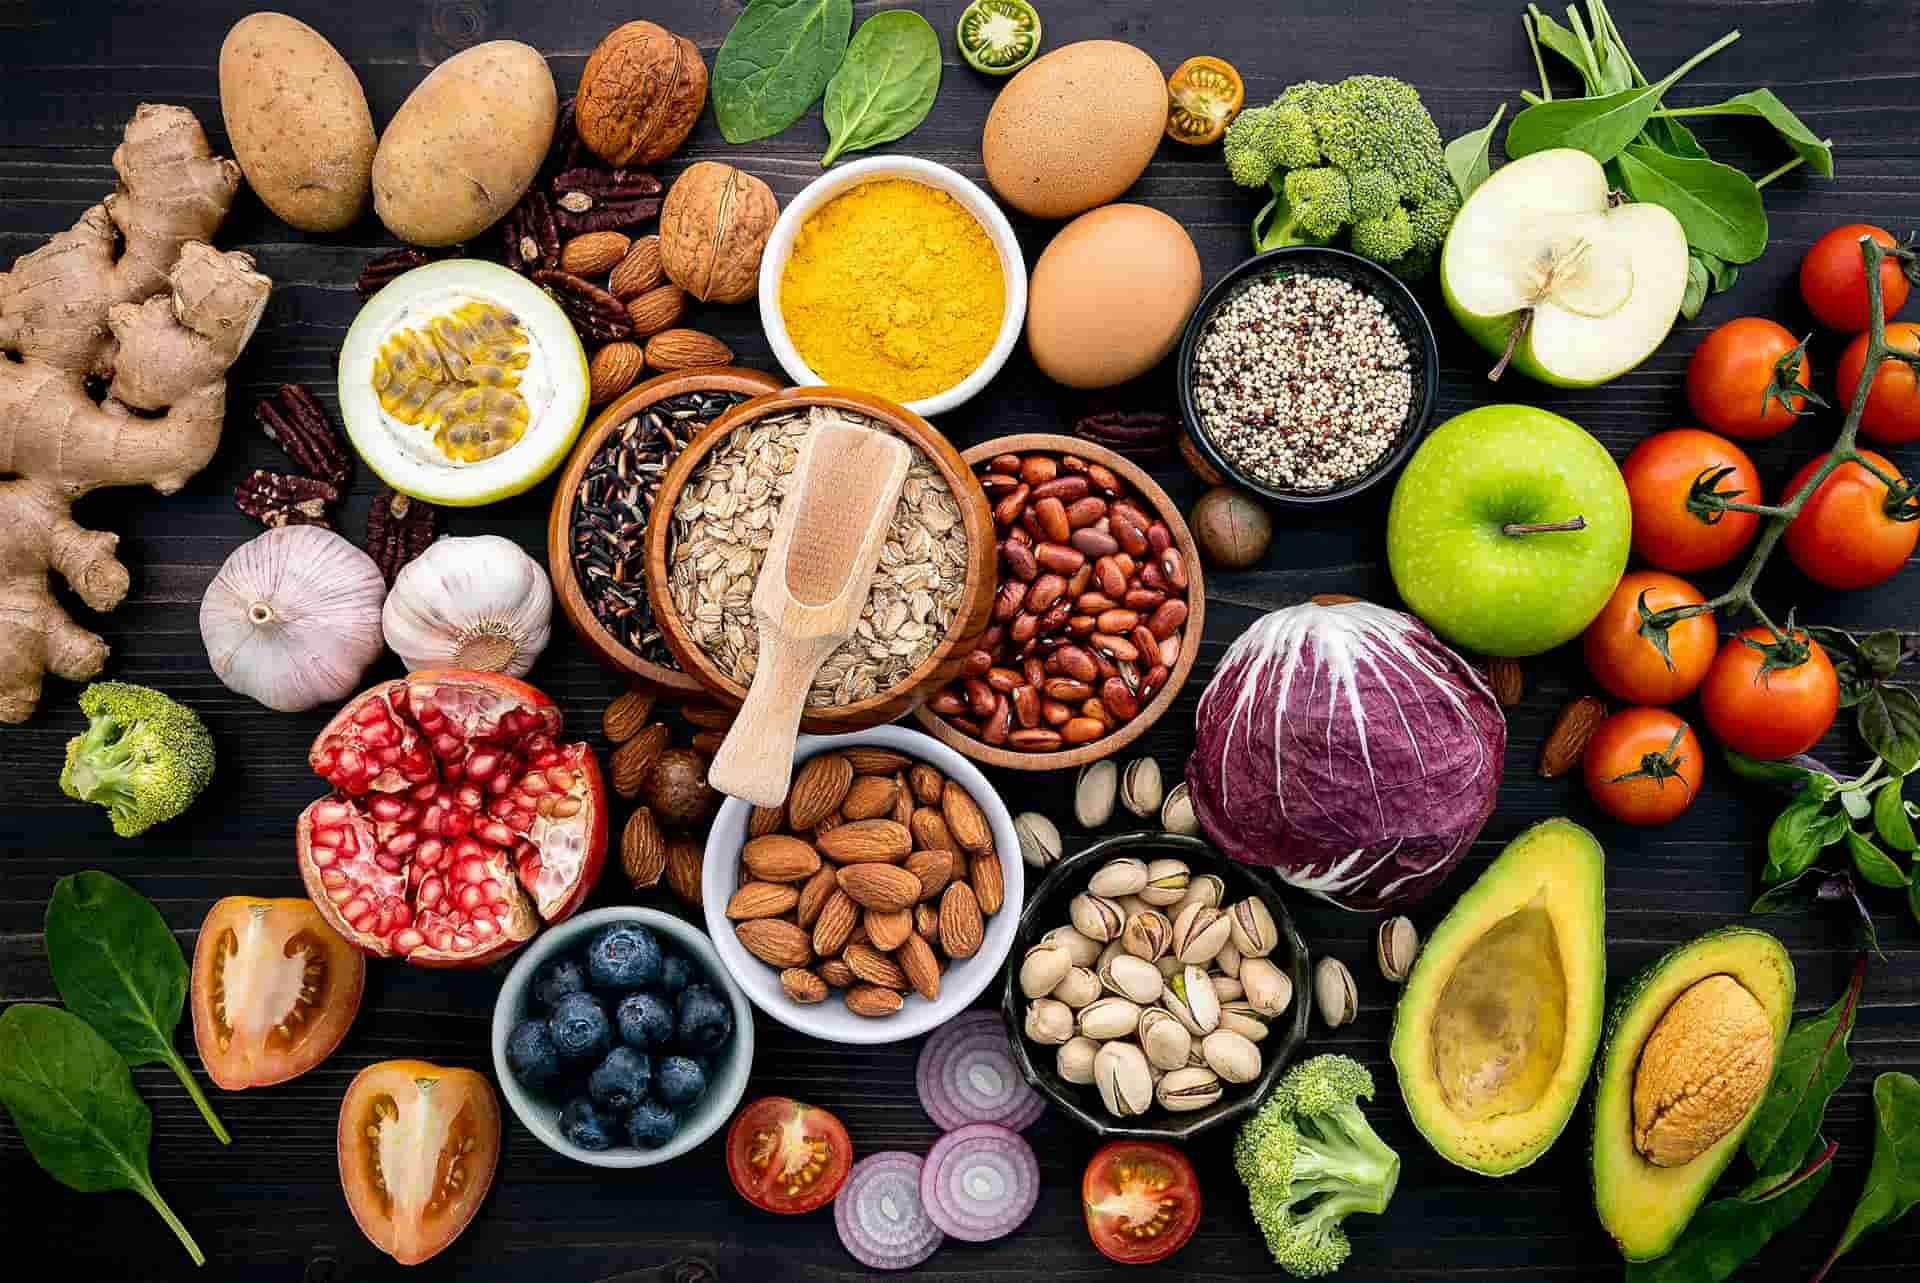 En Sağlıklı 50 Besin ve Başlıca Yararları